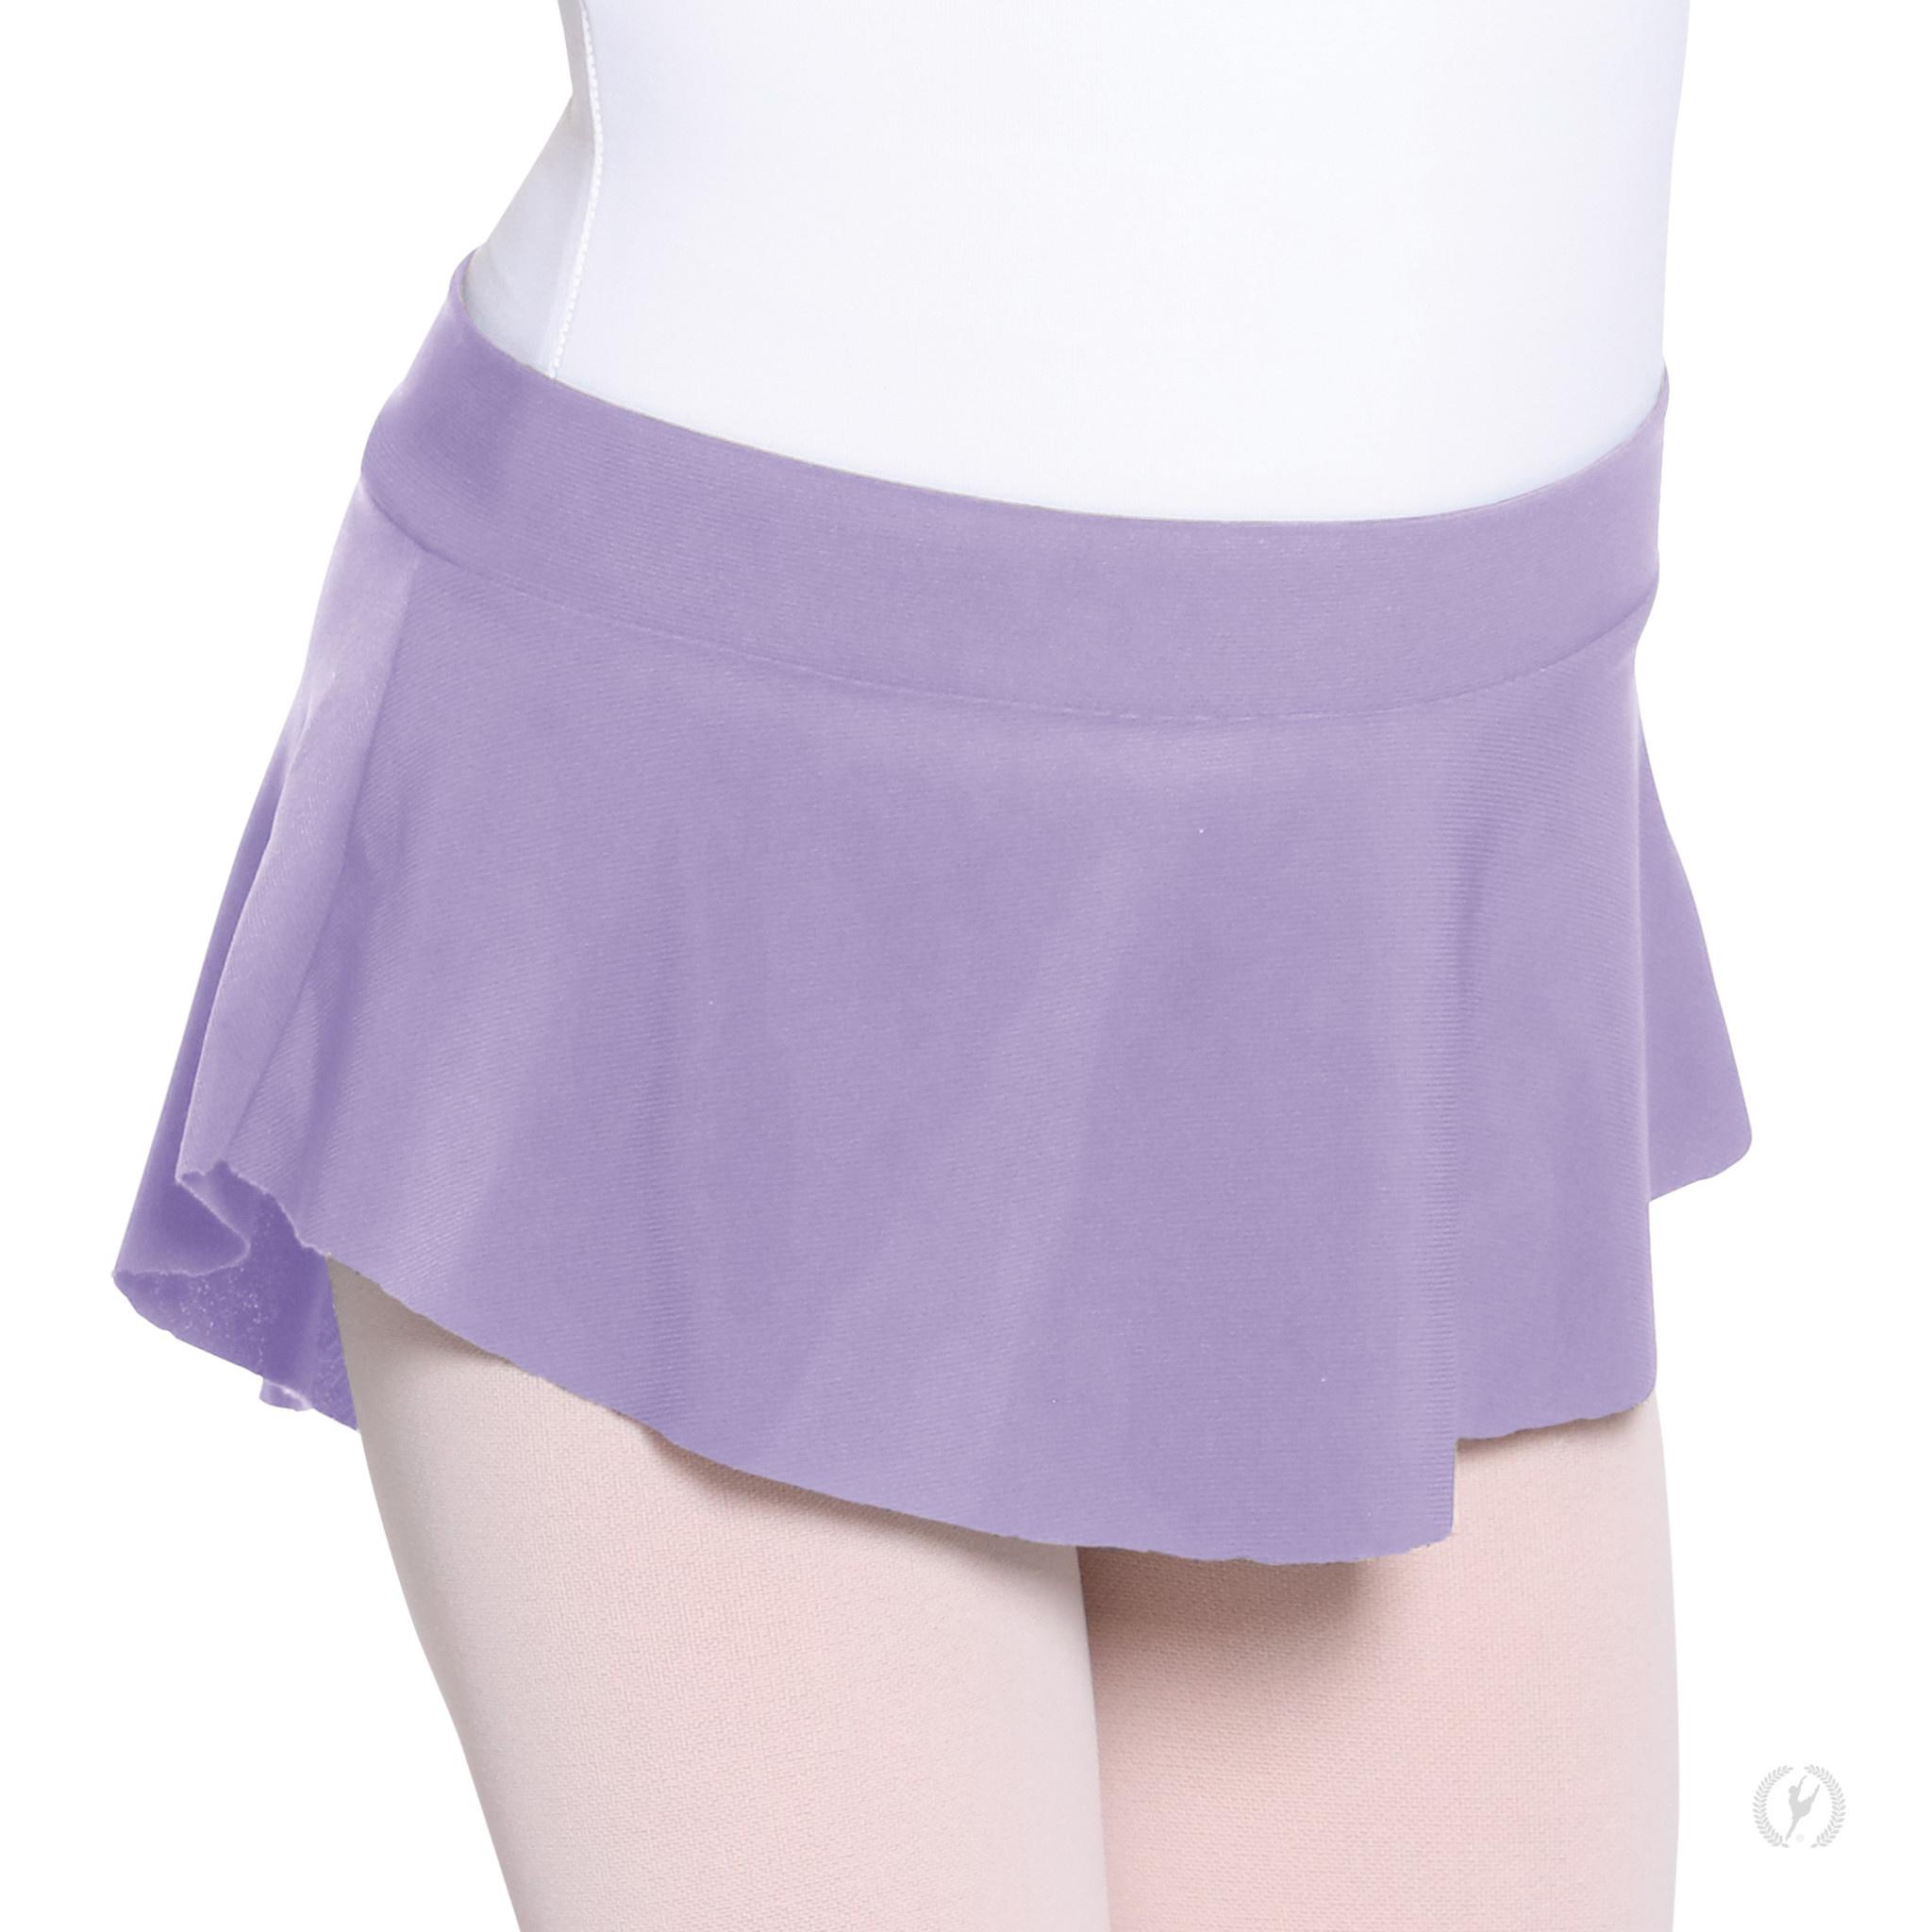 Eurotard 06121c - Girls High Low Pull On Mini Ballet Skirt